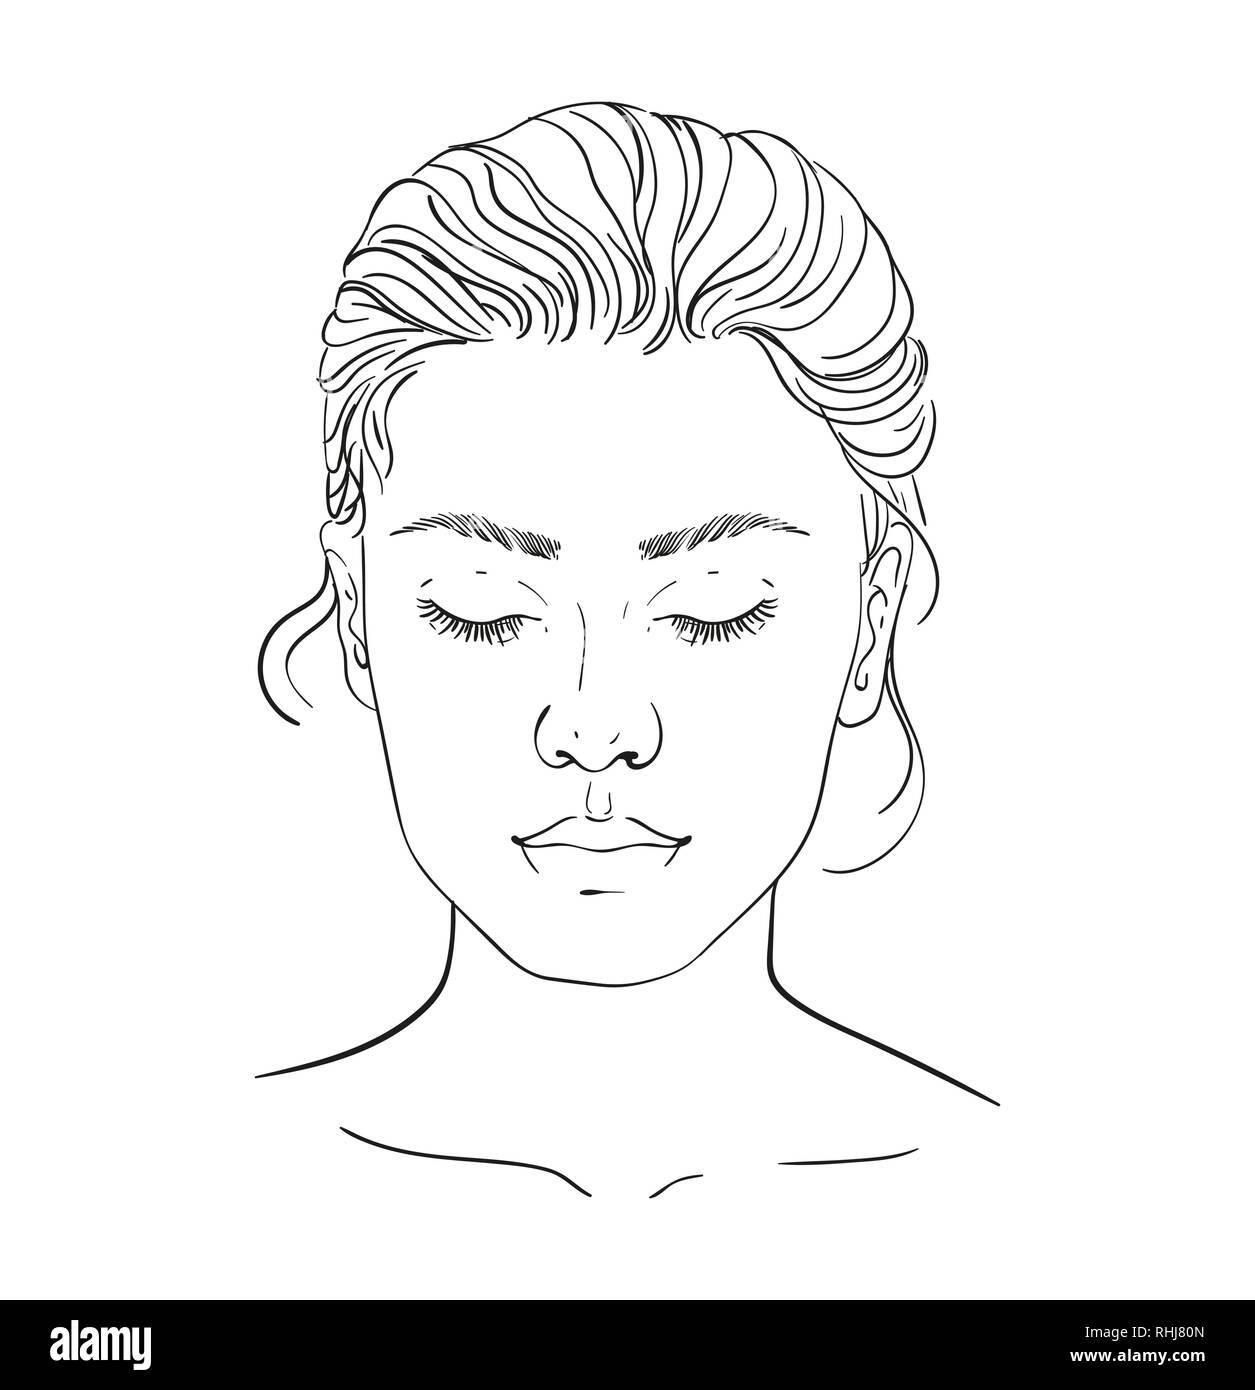 Malvorlage Gesicht Kostenlose Ausmalbilder 9